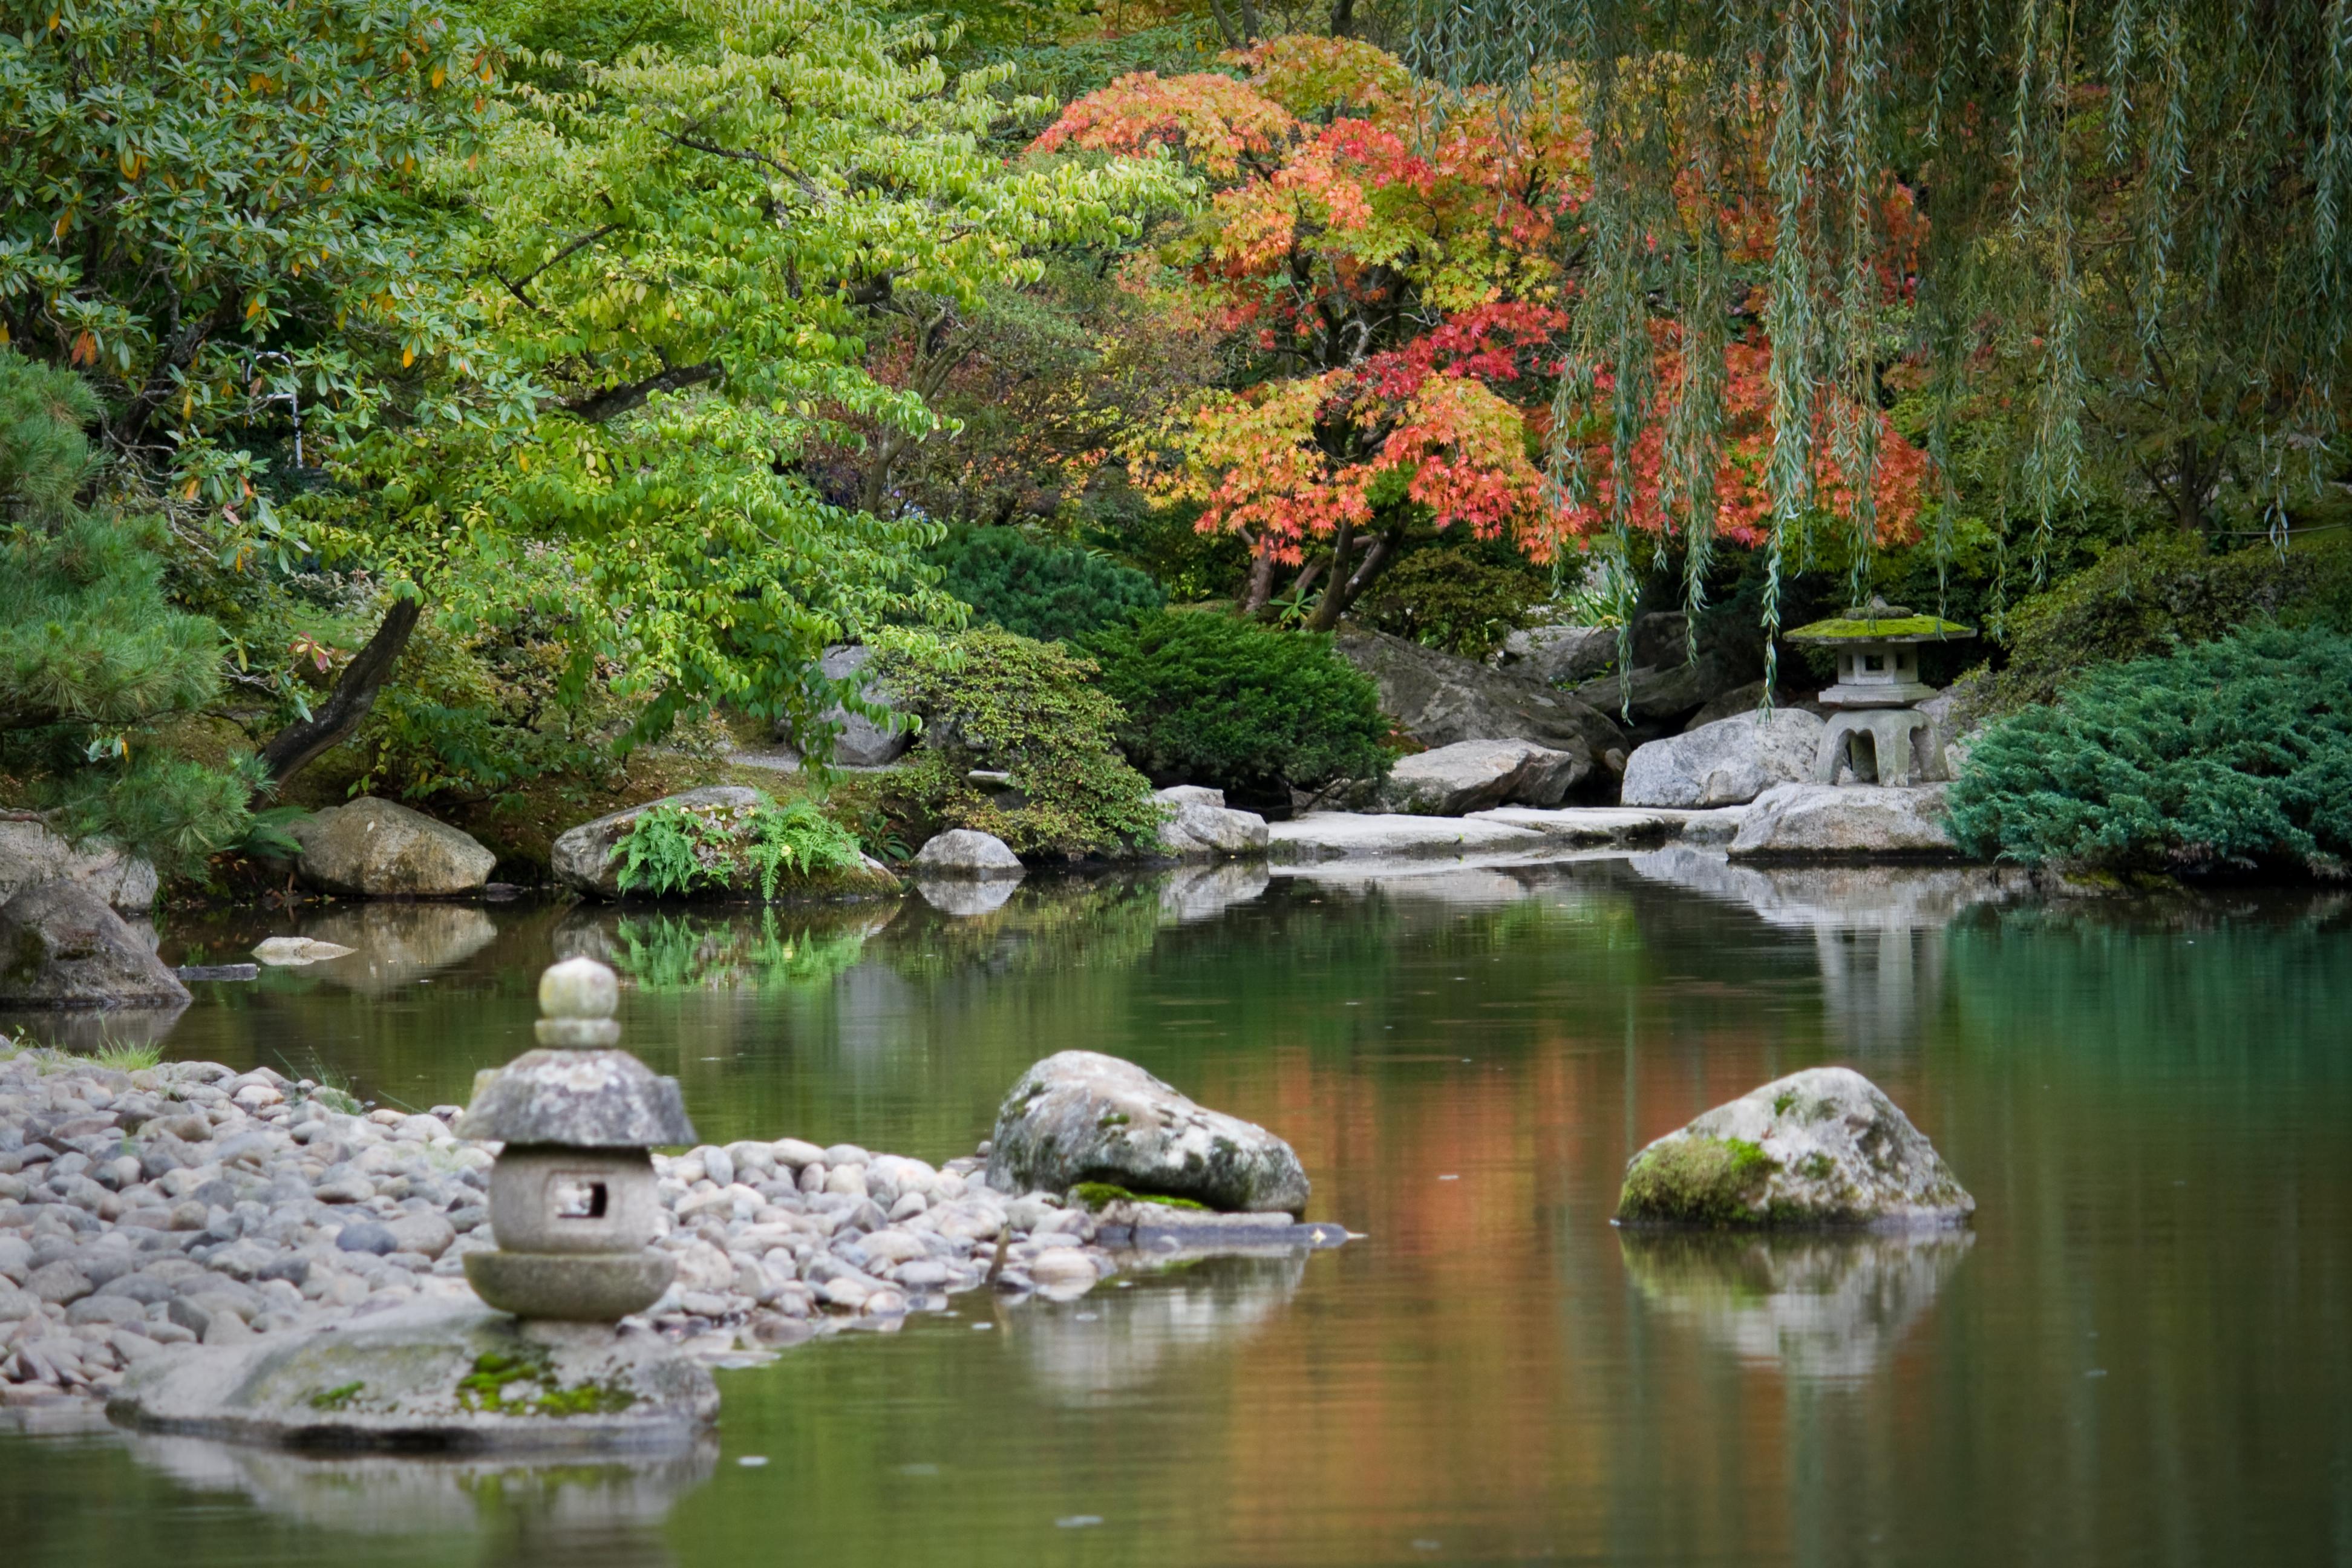 Zen Garden Photography 2953278296 1997d11f8d o jpgZen Garden Photography